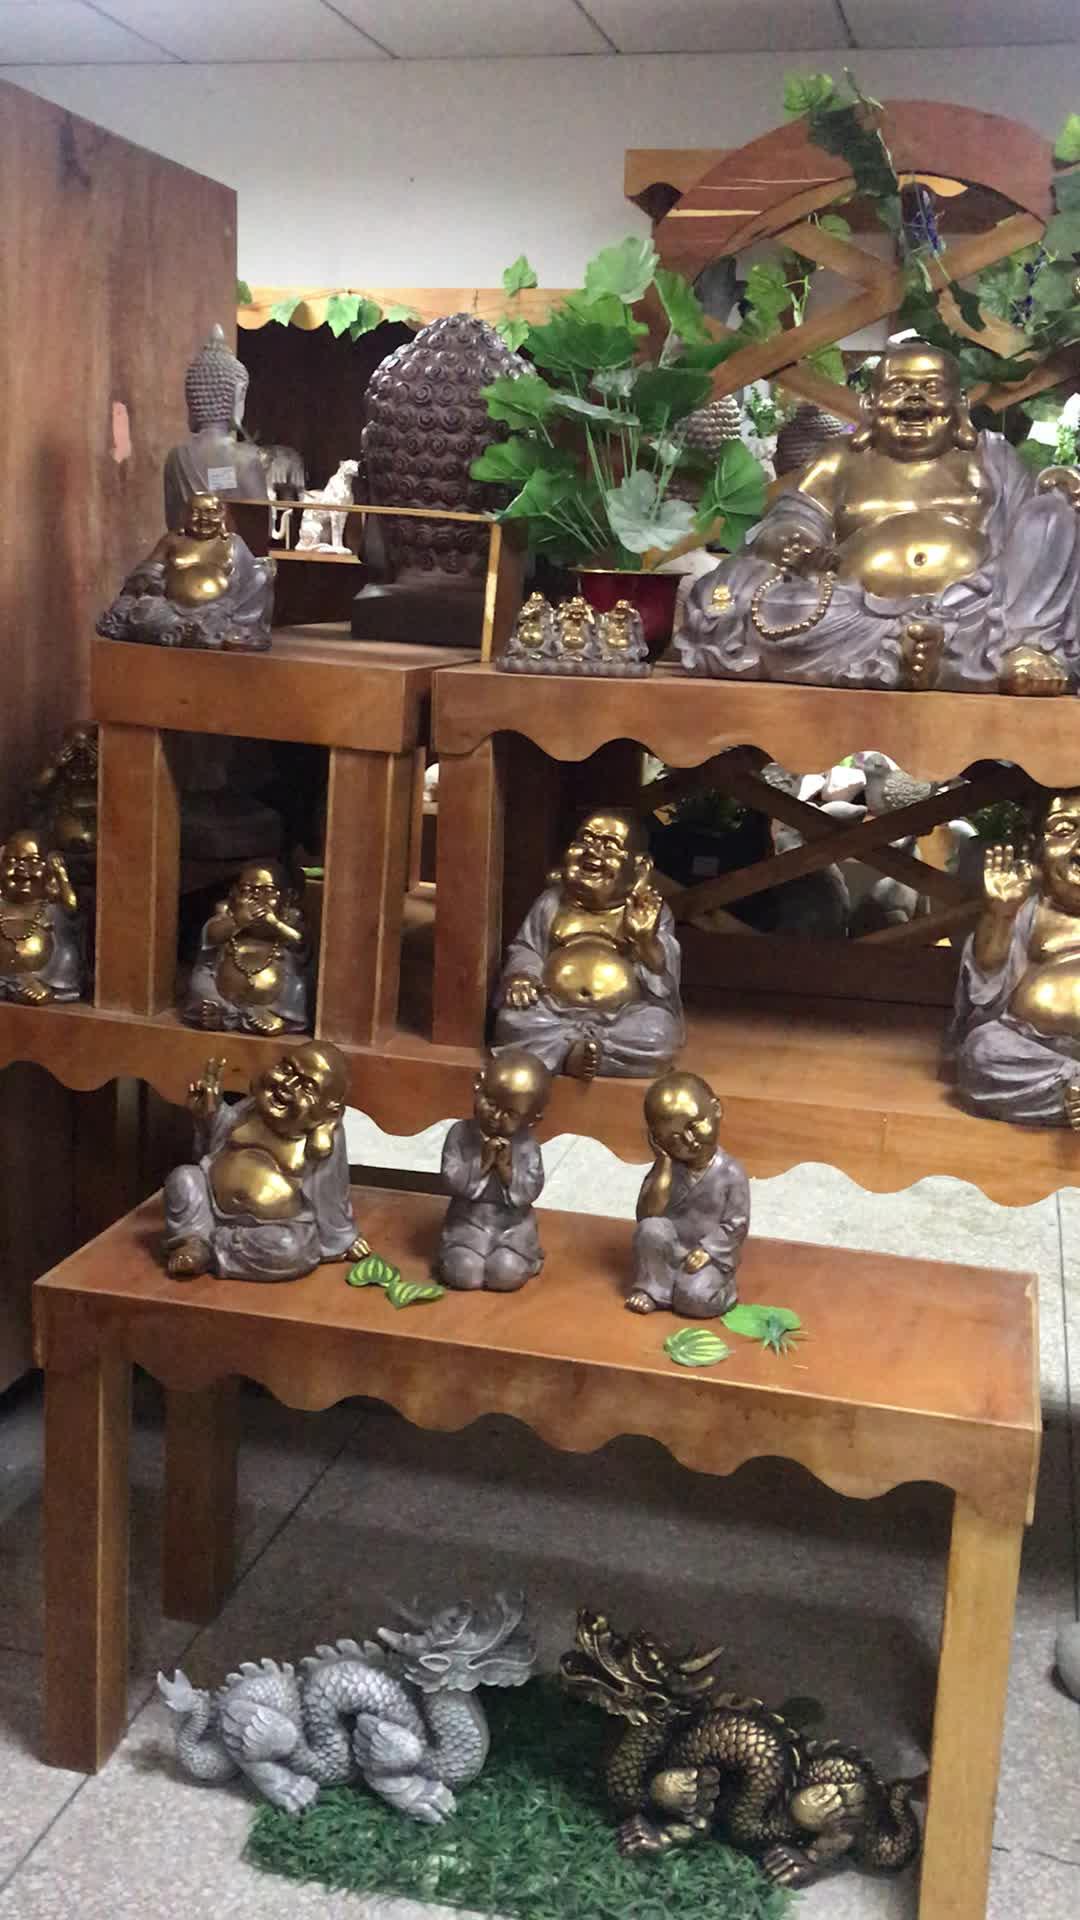 Wholesale customized stone religious buddhism statuesdecor resin buddha statues